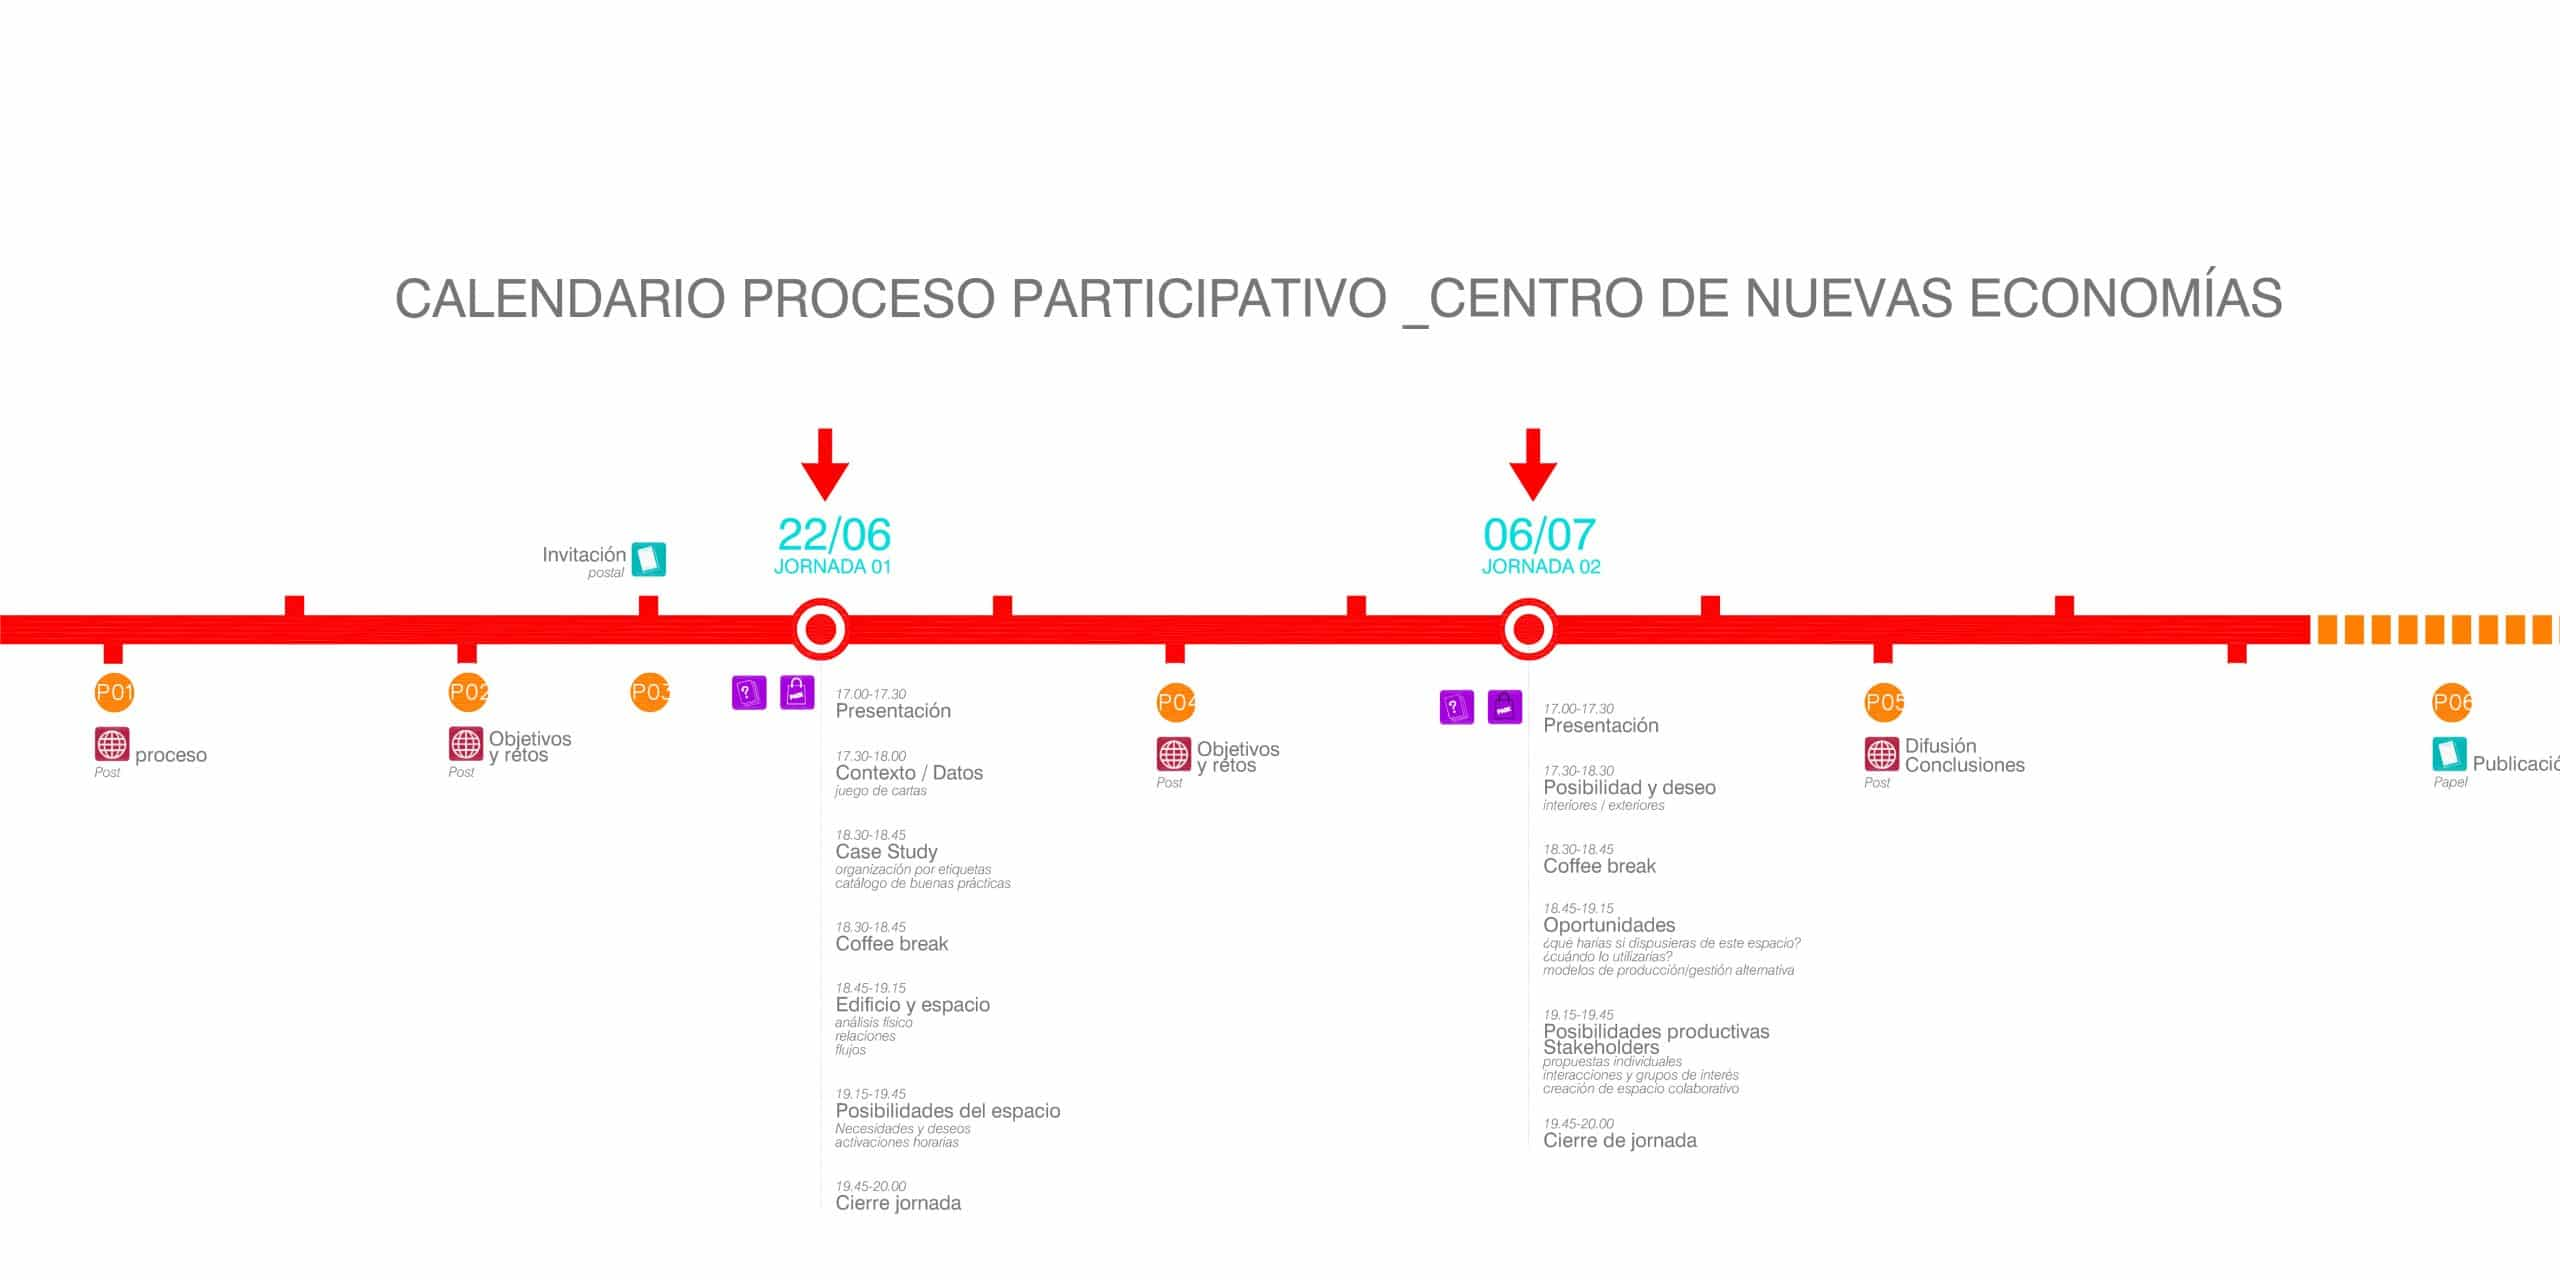 gravalosdimonte parque colaborativo zaragoza diagrama